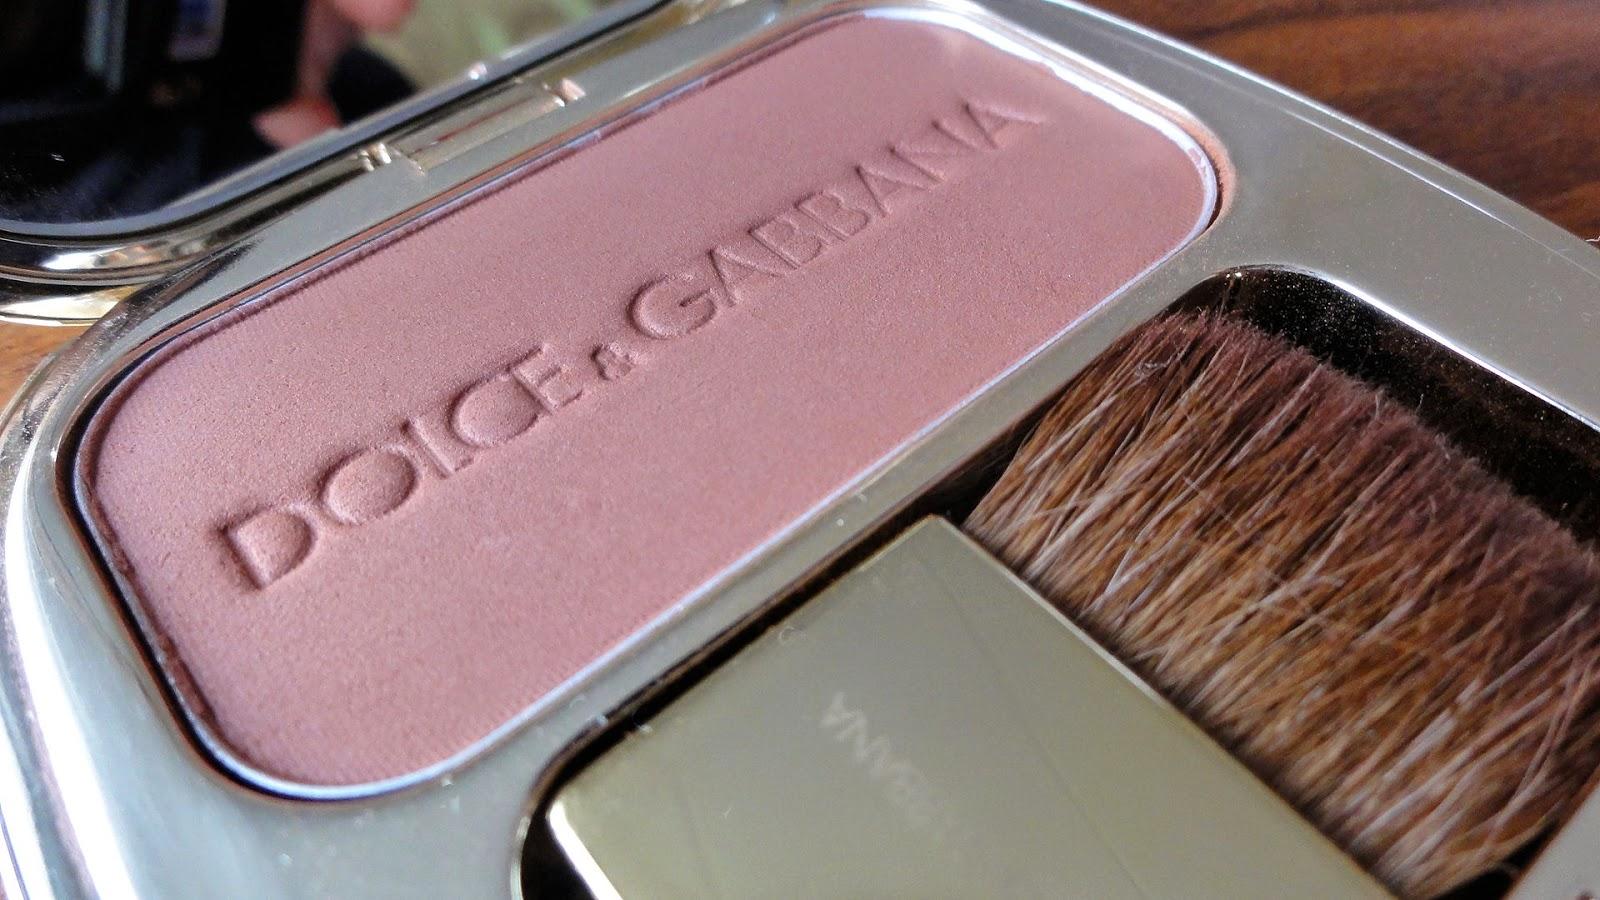 Мне давно хотелось попробовать знаменитые румяна от итальянского бренда dolce&gabbana, и вот свершилось!